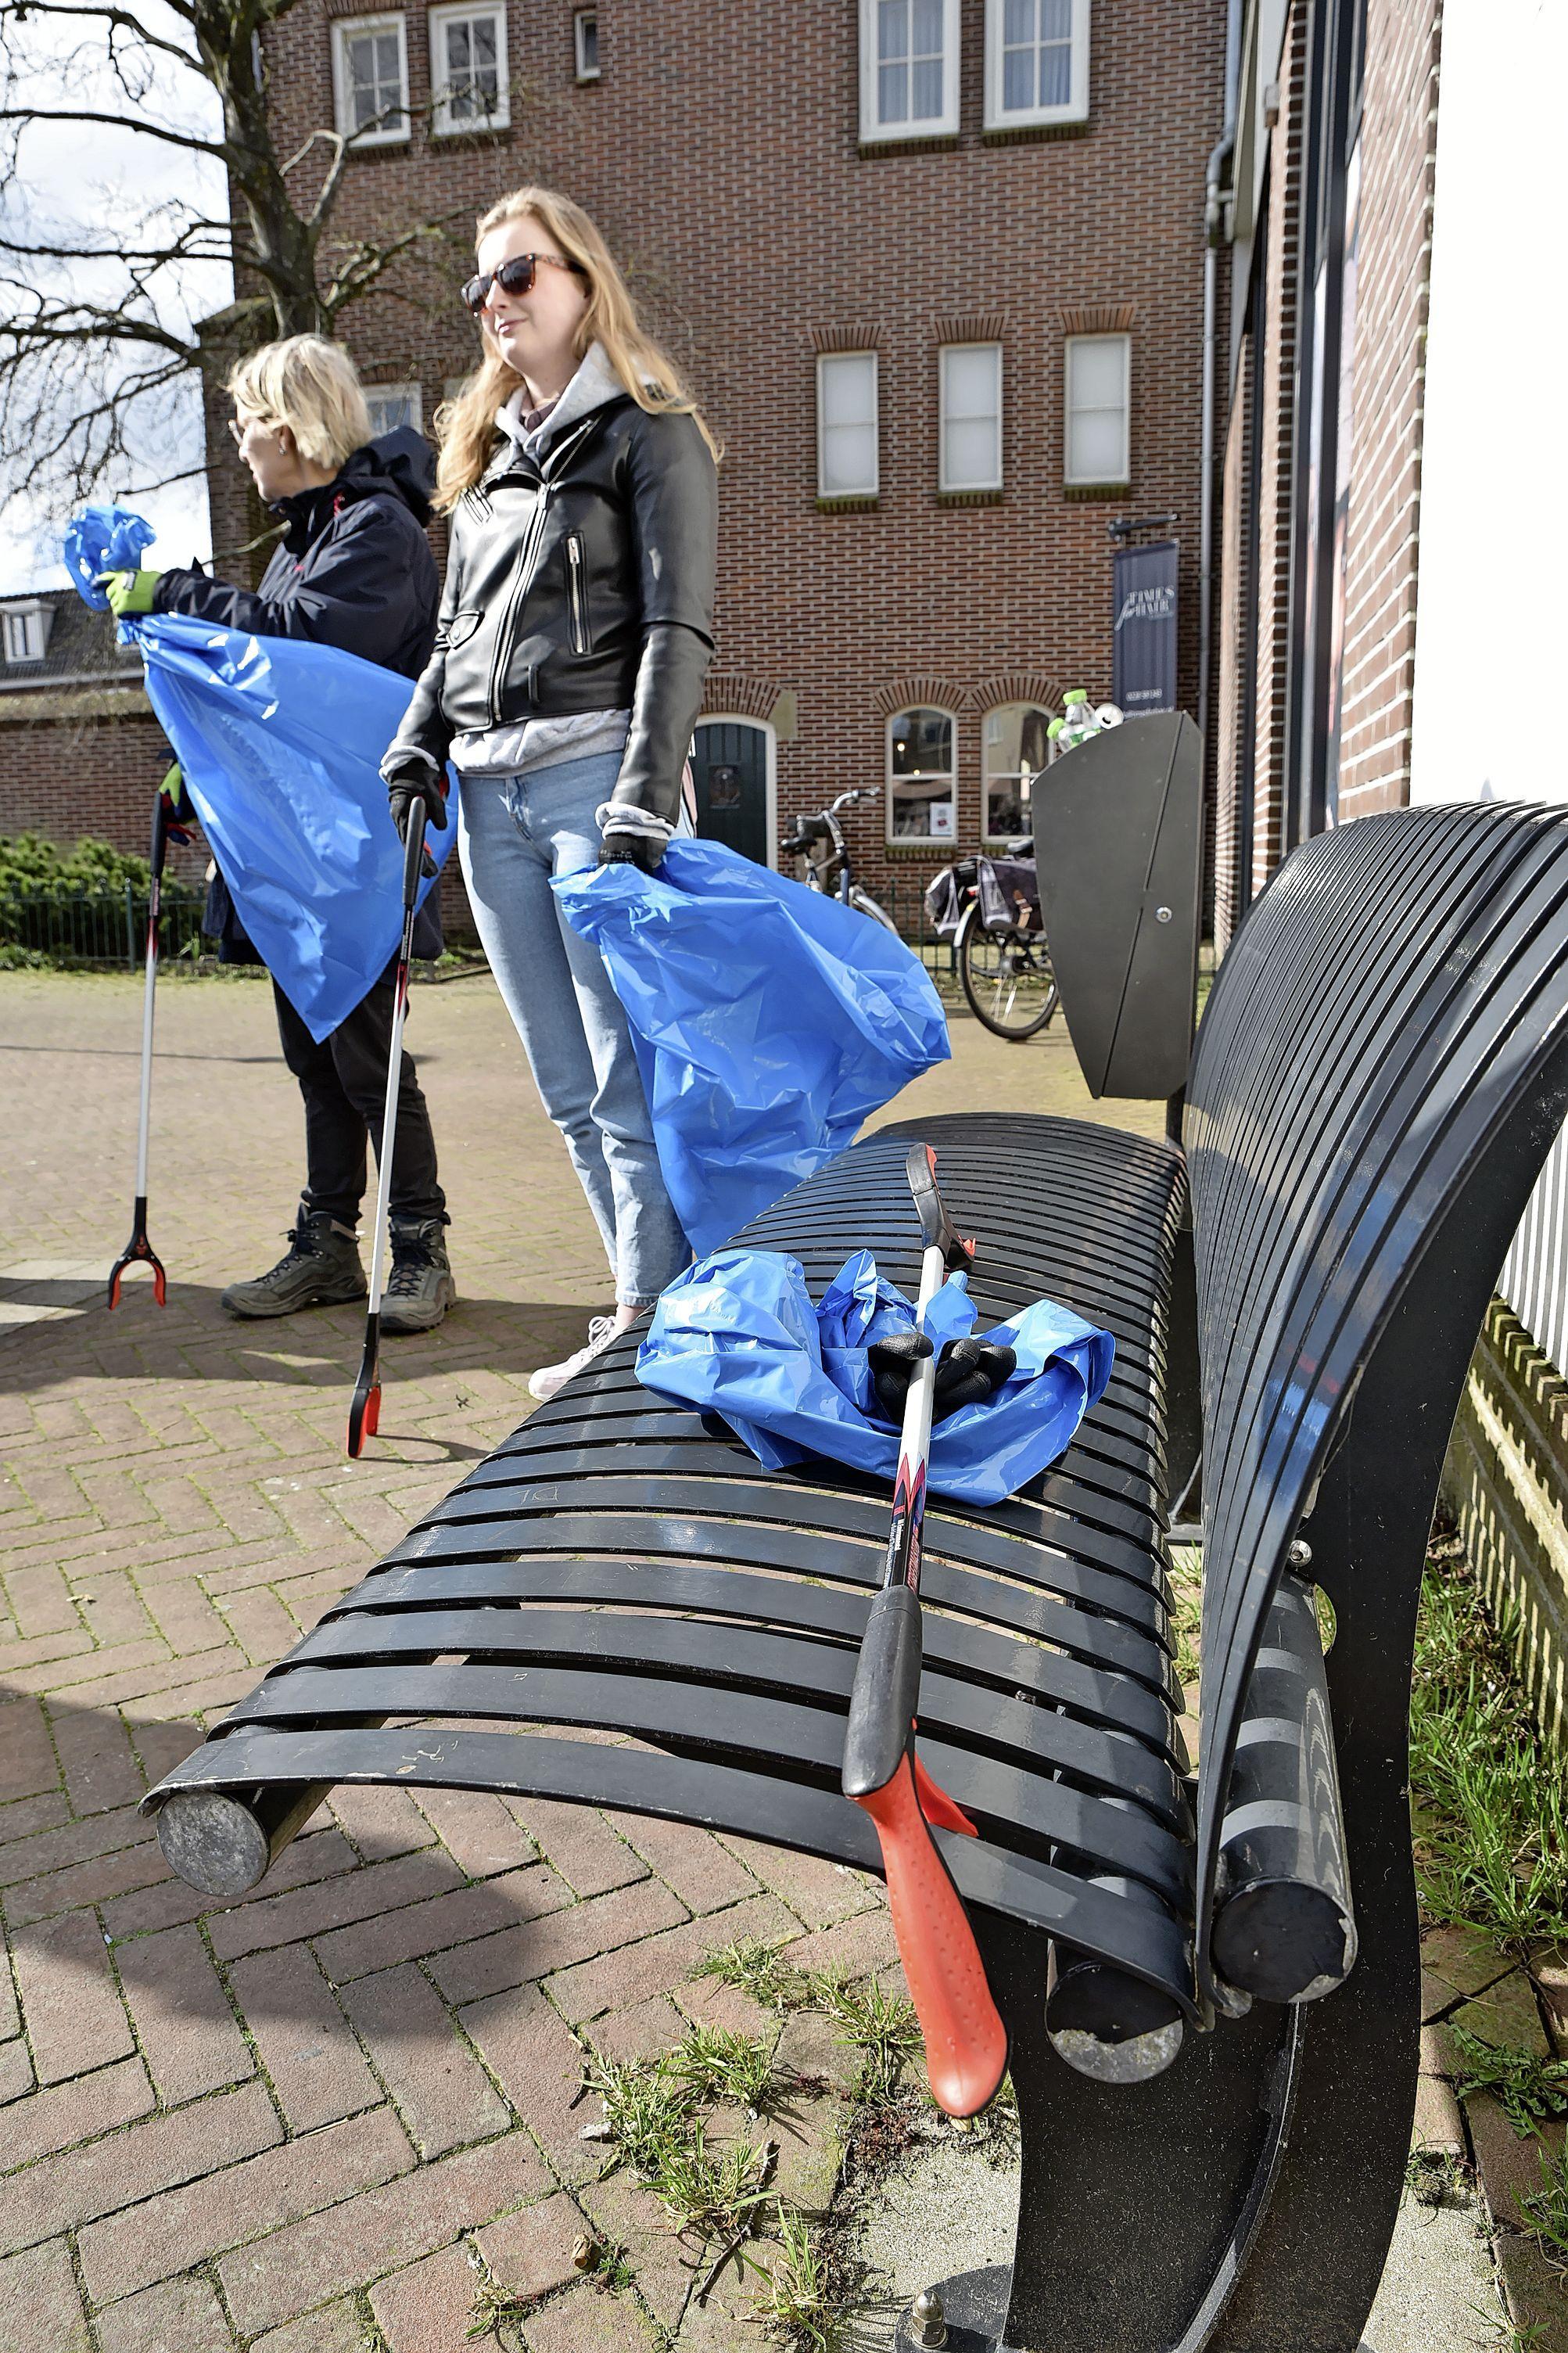 Grijpgrage Rotary popelt om in actie te komen, maar: Drechterland is opvallend schoon